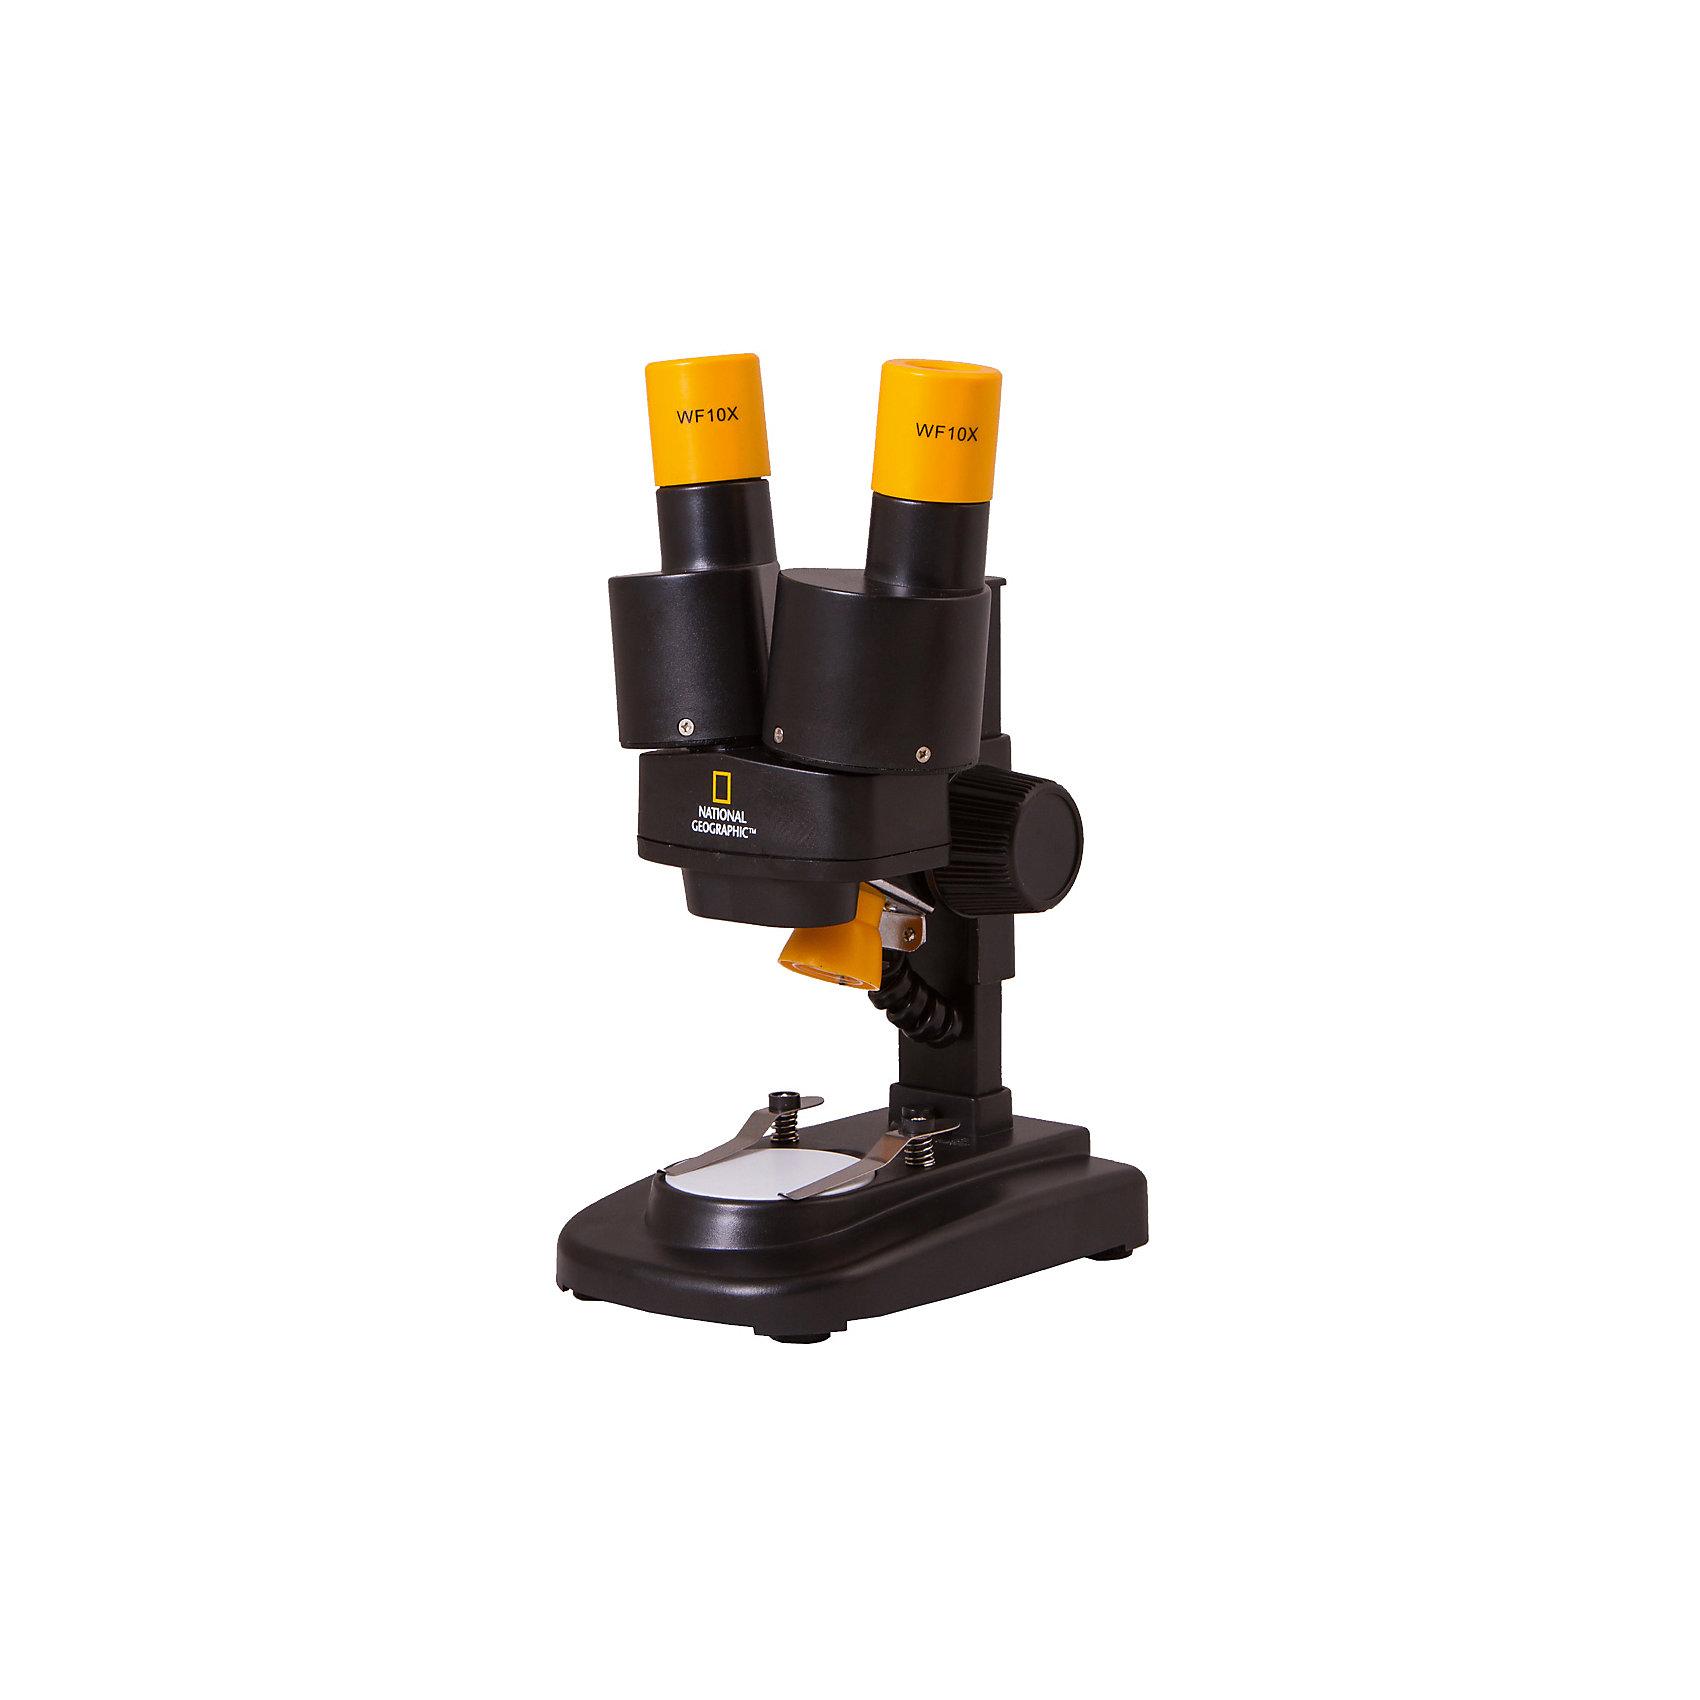 Микроскоп стереоскопический Bresser National Geographic 20xМикроскопы<br>Характеристики товара:<br><br>• материал: металл, пластик<br>• увеличение: до 20 крат<br>• окуляры WF10x (2 шт.)<br>• бинокулярный<br>• подсветка светодиодная<br>• вес: 0,7 кг<br>• размер: 22х13х10 см<br>• комплектация: микроскоп, окуляры, минералы (12 шт)<br>• страна бренда: Германия<br><br>В этом наборе есть всё необходимое, чтобы приступить к опытам немедленно! Собственный микроскоп - это отличный способ заинтересовать ребенка наукой и привить ему интерес к учебе. Эта модель микроскопа была разработана специально для детей - он позволяет увеличивать препарат в 640 крат, с помощью этого дети могут исследовать состав и структуру разнообразных предметов, веществ и организмов. Благодаря стильному дизайну этот микроскоп отлично вписывается в интерьер!<br><br>Оптические приборы от немецкой компании Bresser уже успели зарекомендовать себя как качественная и надежная продукция. Для их производства используются только безопасные и проверенные материалы. Такой прибор способен прослужить долго. Подарите ребенку интересную и полезную вещь!<br><br>Микроскоп стереоскопический Bresser National Geographic 20x от известного бренда Bresser (Брессер) можно купить в нашем интернет-магазине.<br><br>Ширина мм: 260<br>Глубина мм: 165<br>Высота мм: 130<br>Вес г: 720<br>Возраст от месяцев: 60<br>Возраст до месяцев: 2147483647<br>Пол: Унисекс<br>Возраст: Детский<br>SKU: 5435307